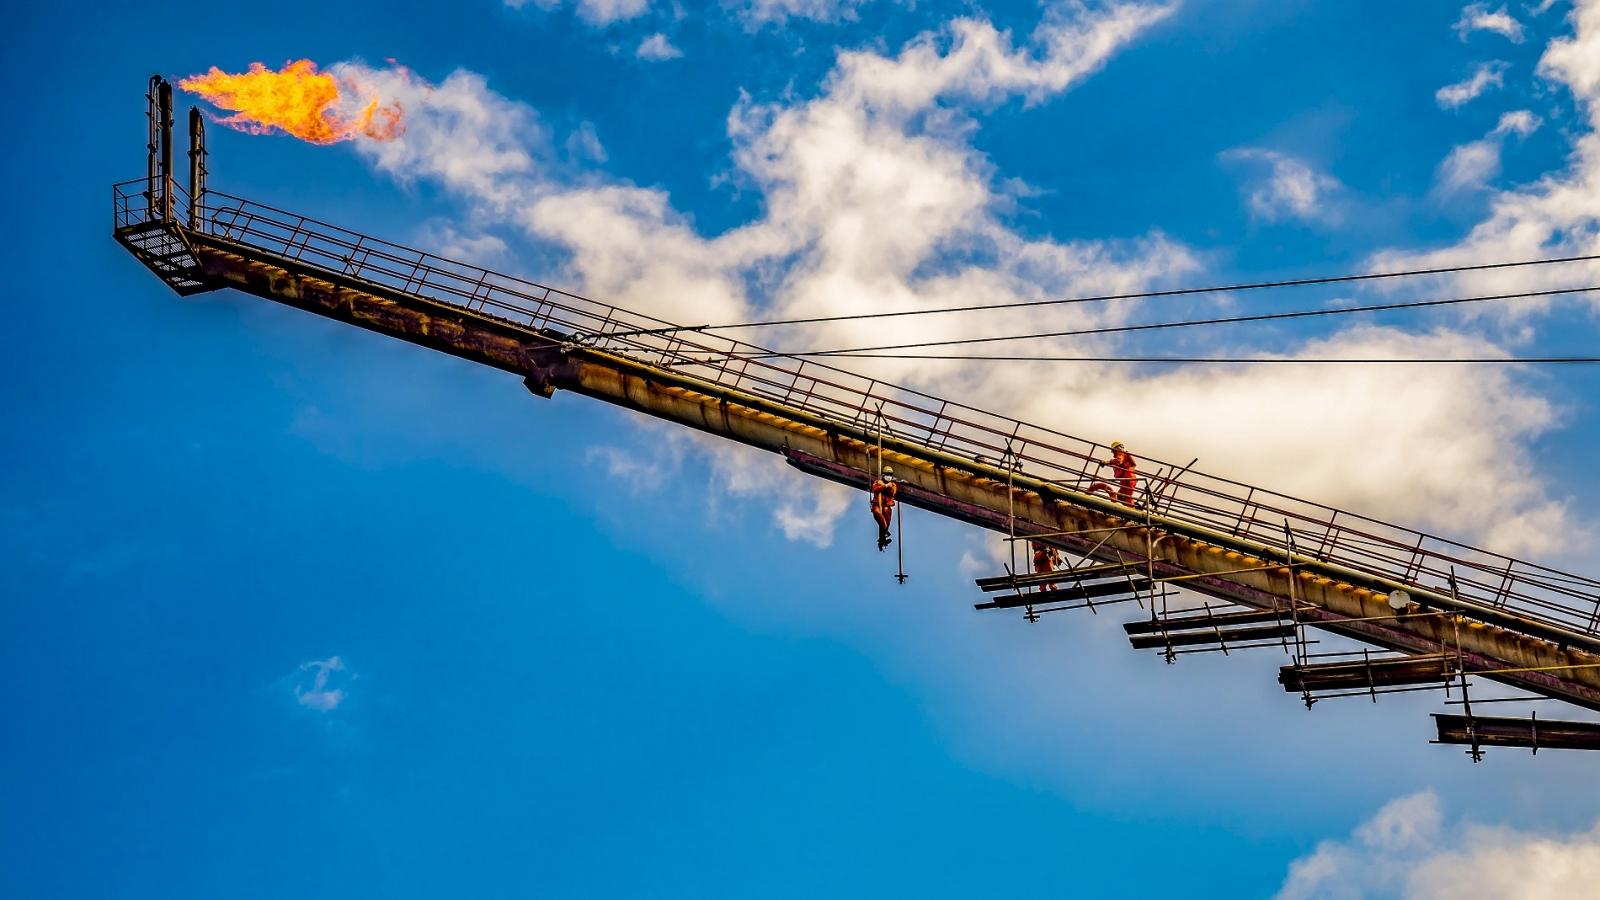 Petrovietnam hoàn thành vượt mức nhiều chỉ tiêu kế hoạch quan trọng trong 2 tháng đầu năm